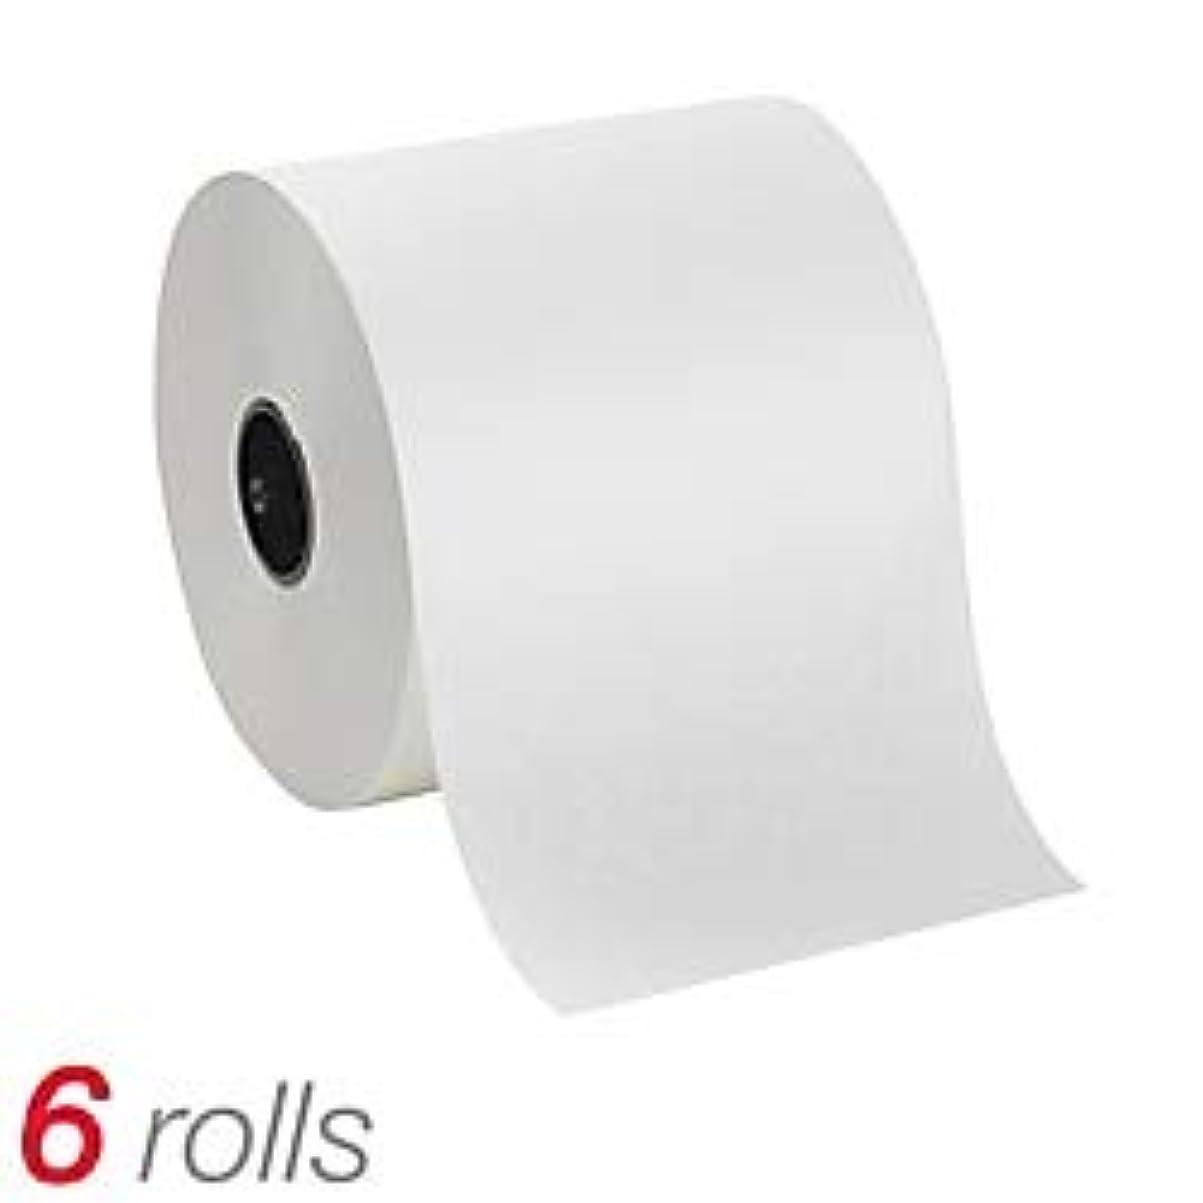 リーガン有名人代わりにSofPull (R) Hardwoundロール紙タオル、7インチ× 1?, 000のFt、ホワイト、ケース6